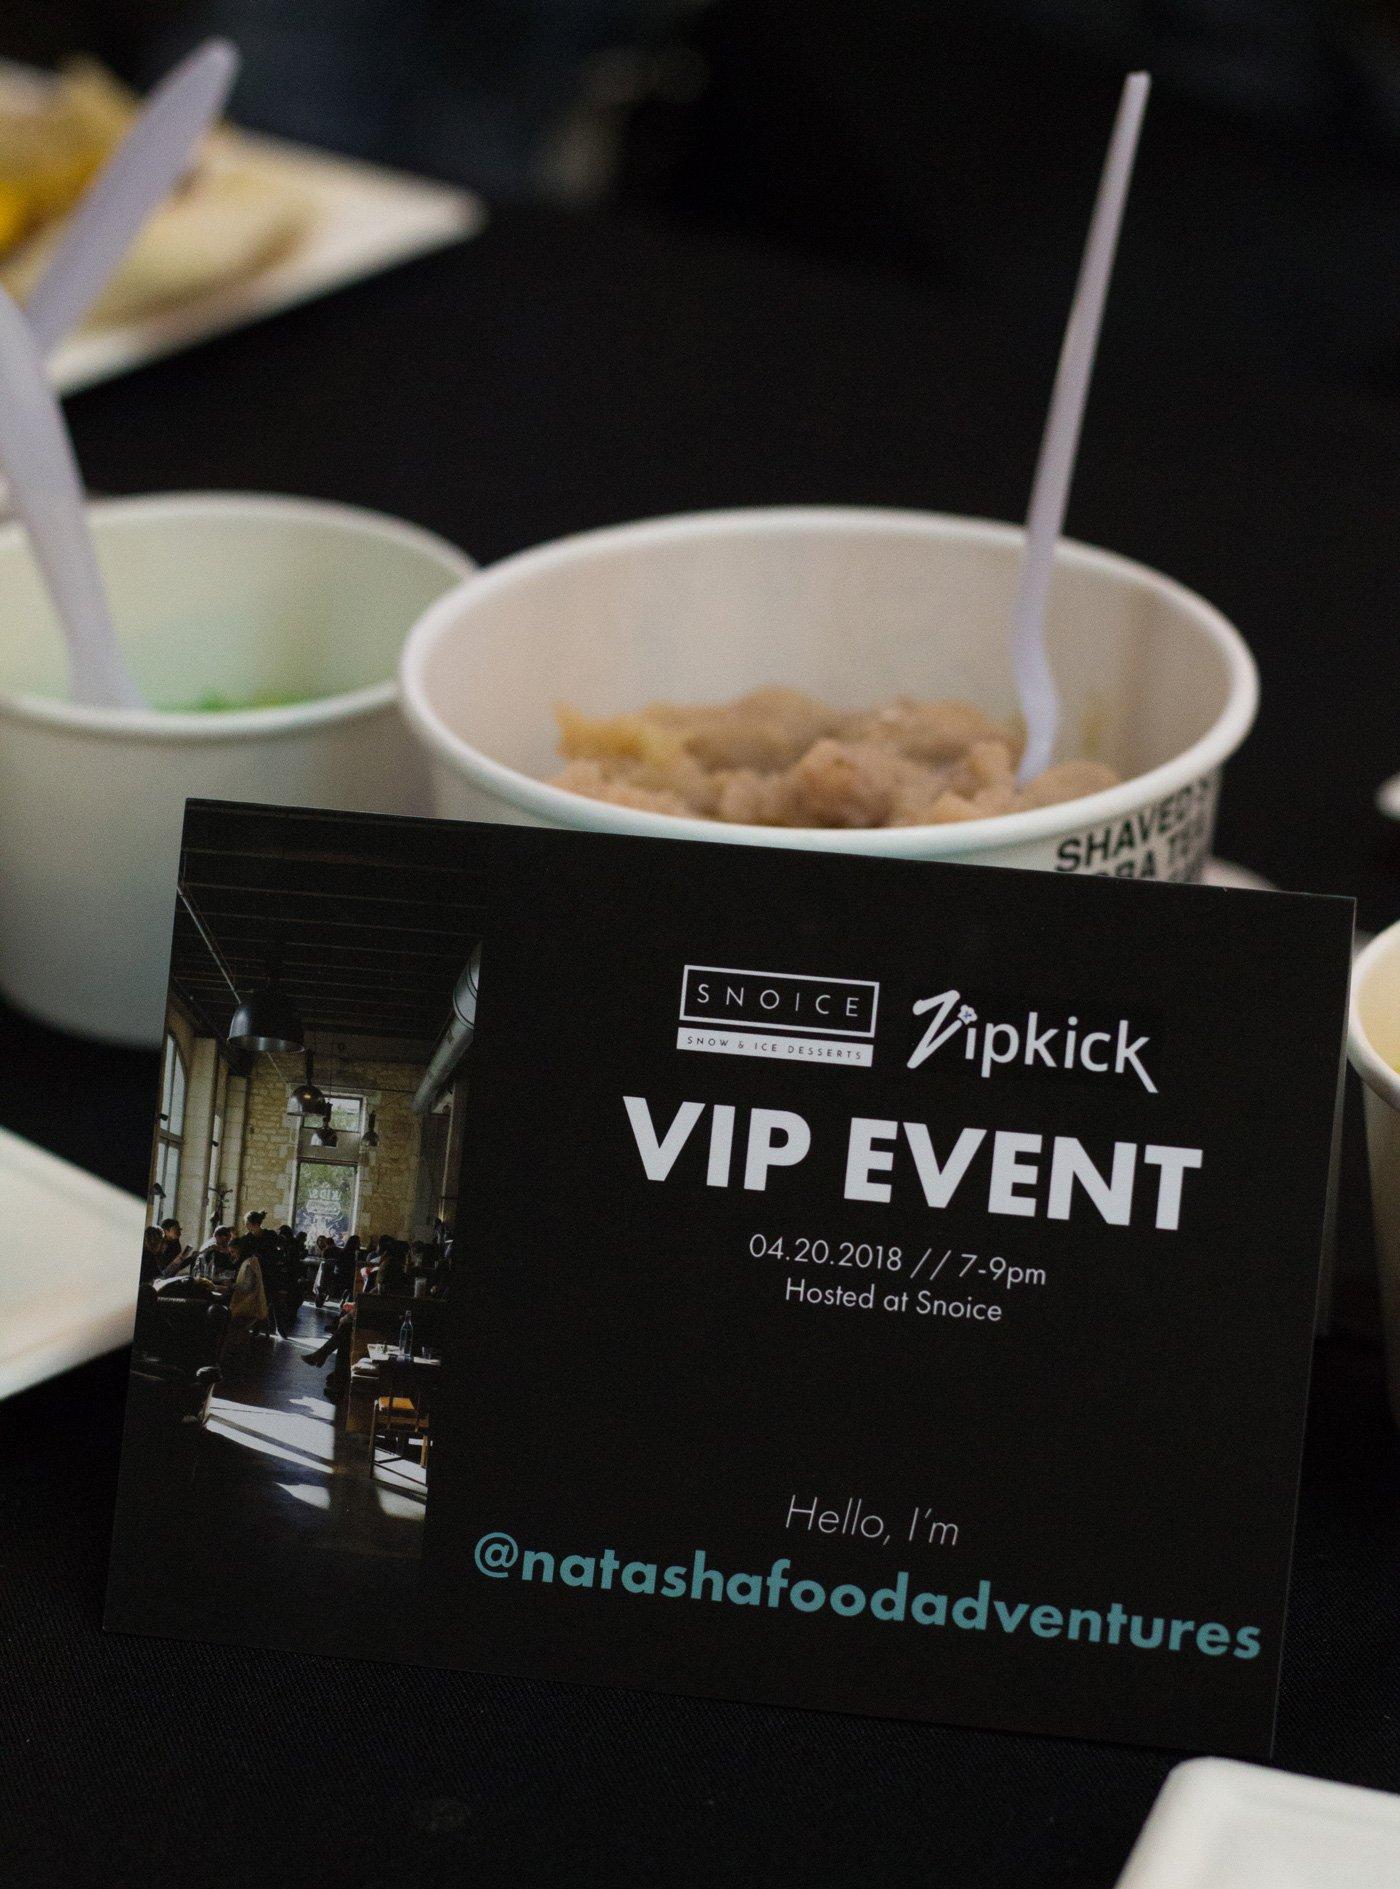 Snoice SD Zipkick VIP Event Recap